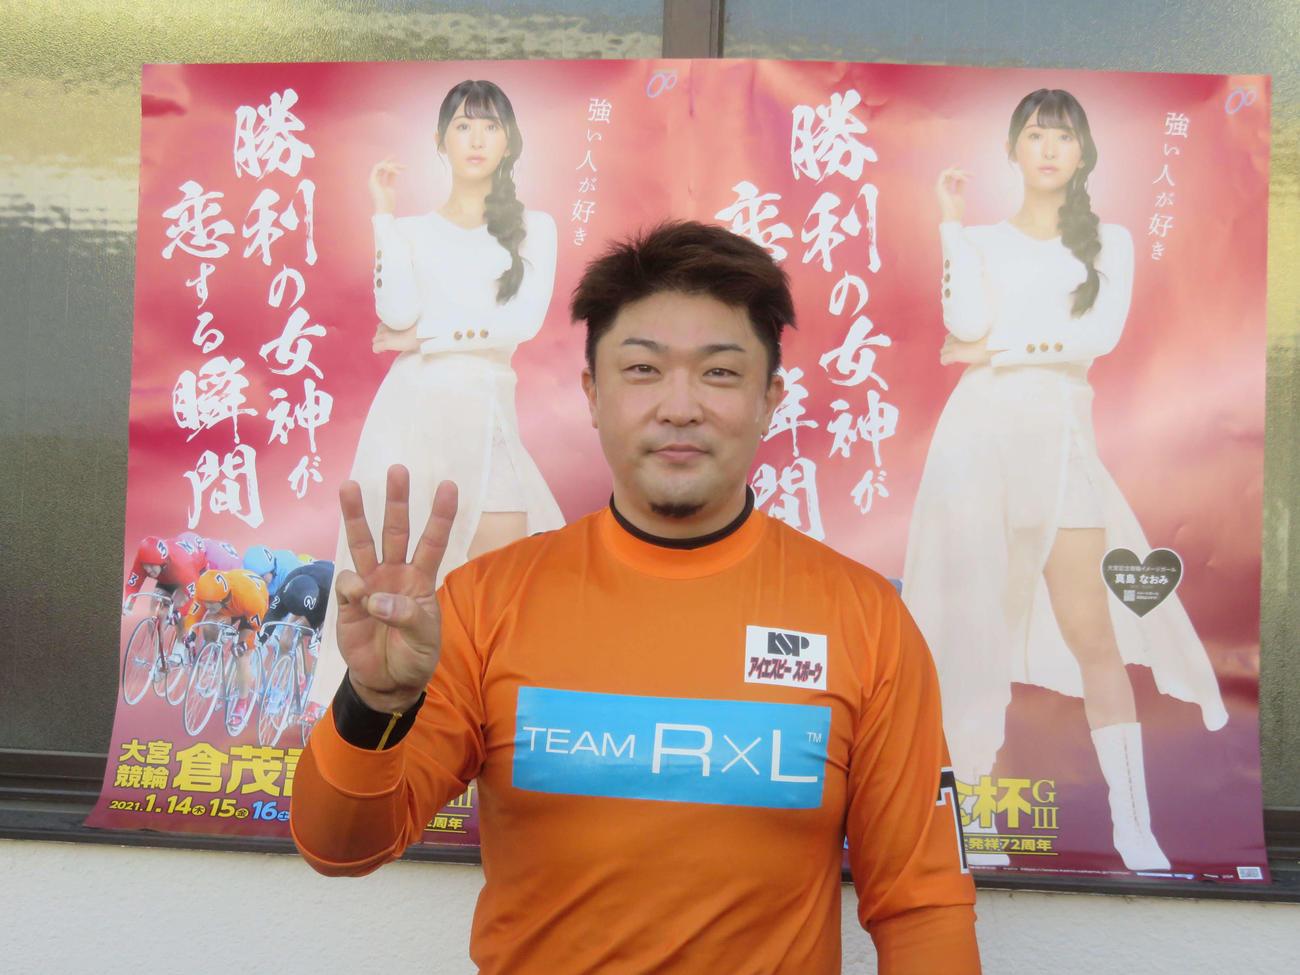 菊地圭尚が節目の300勝を達成した